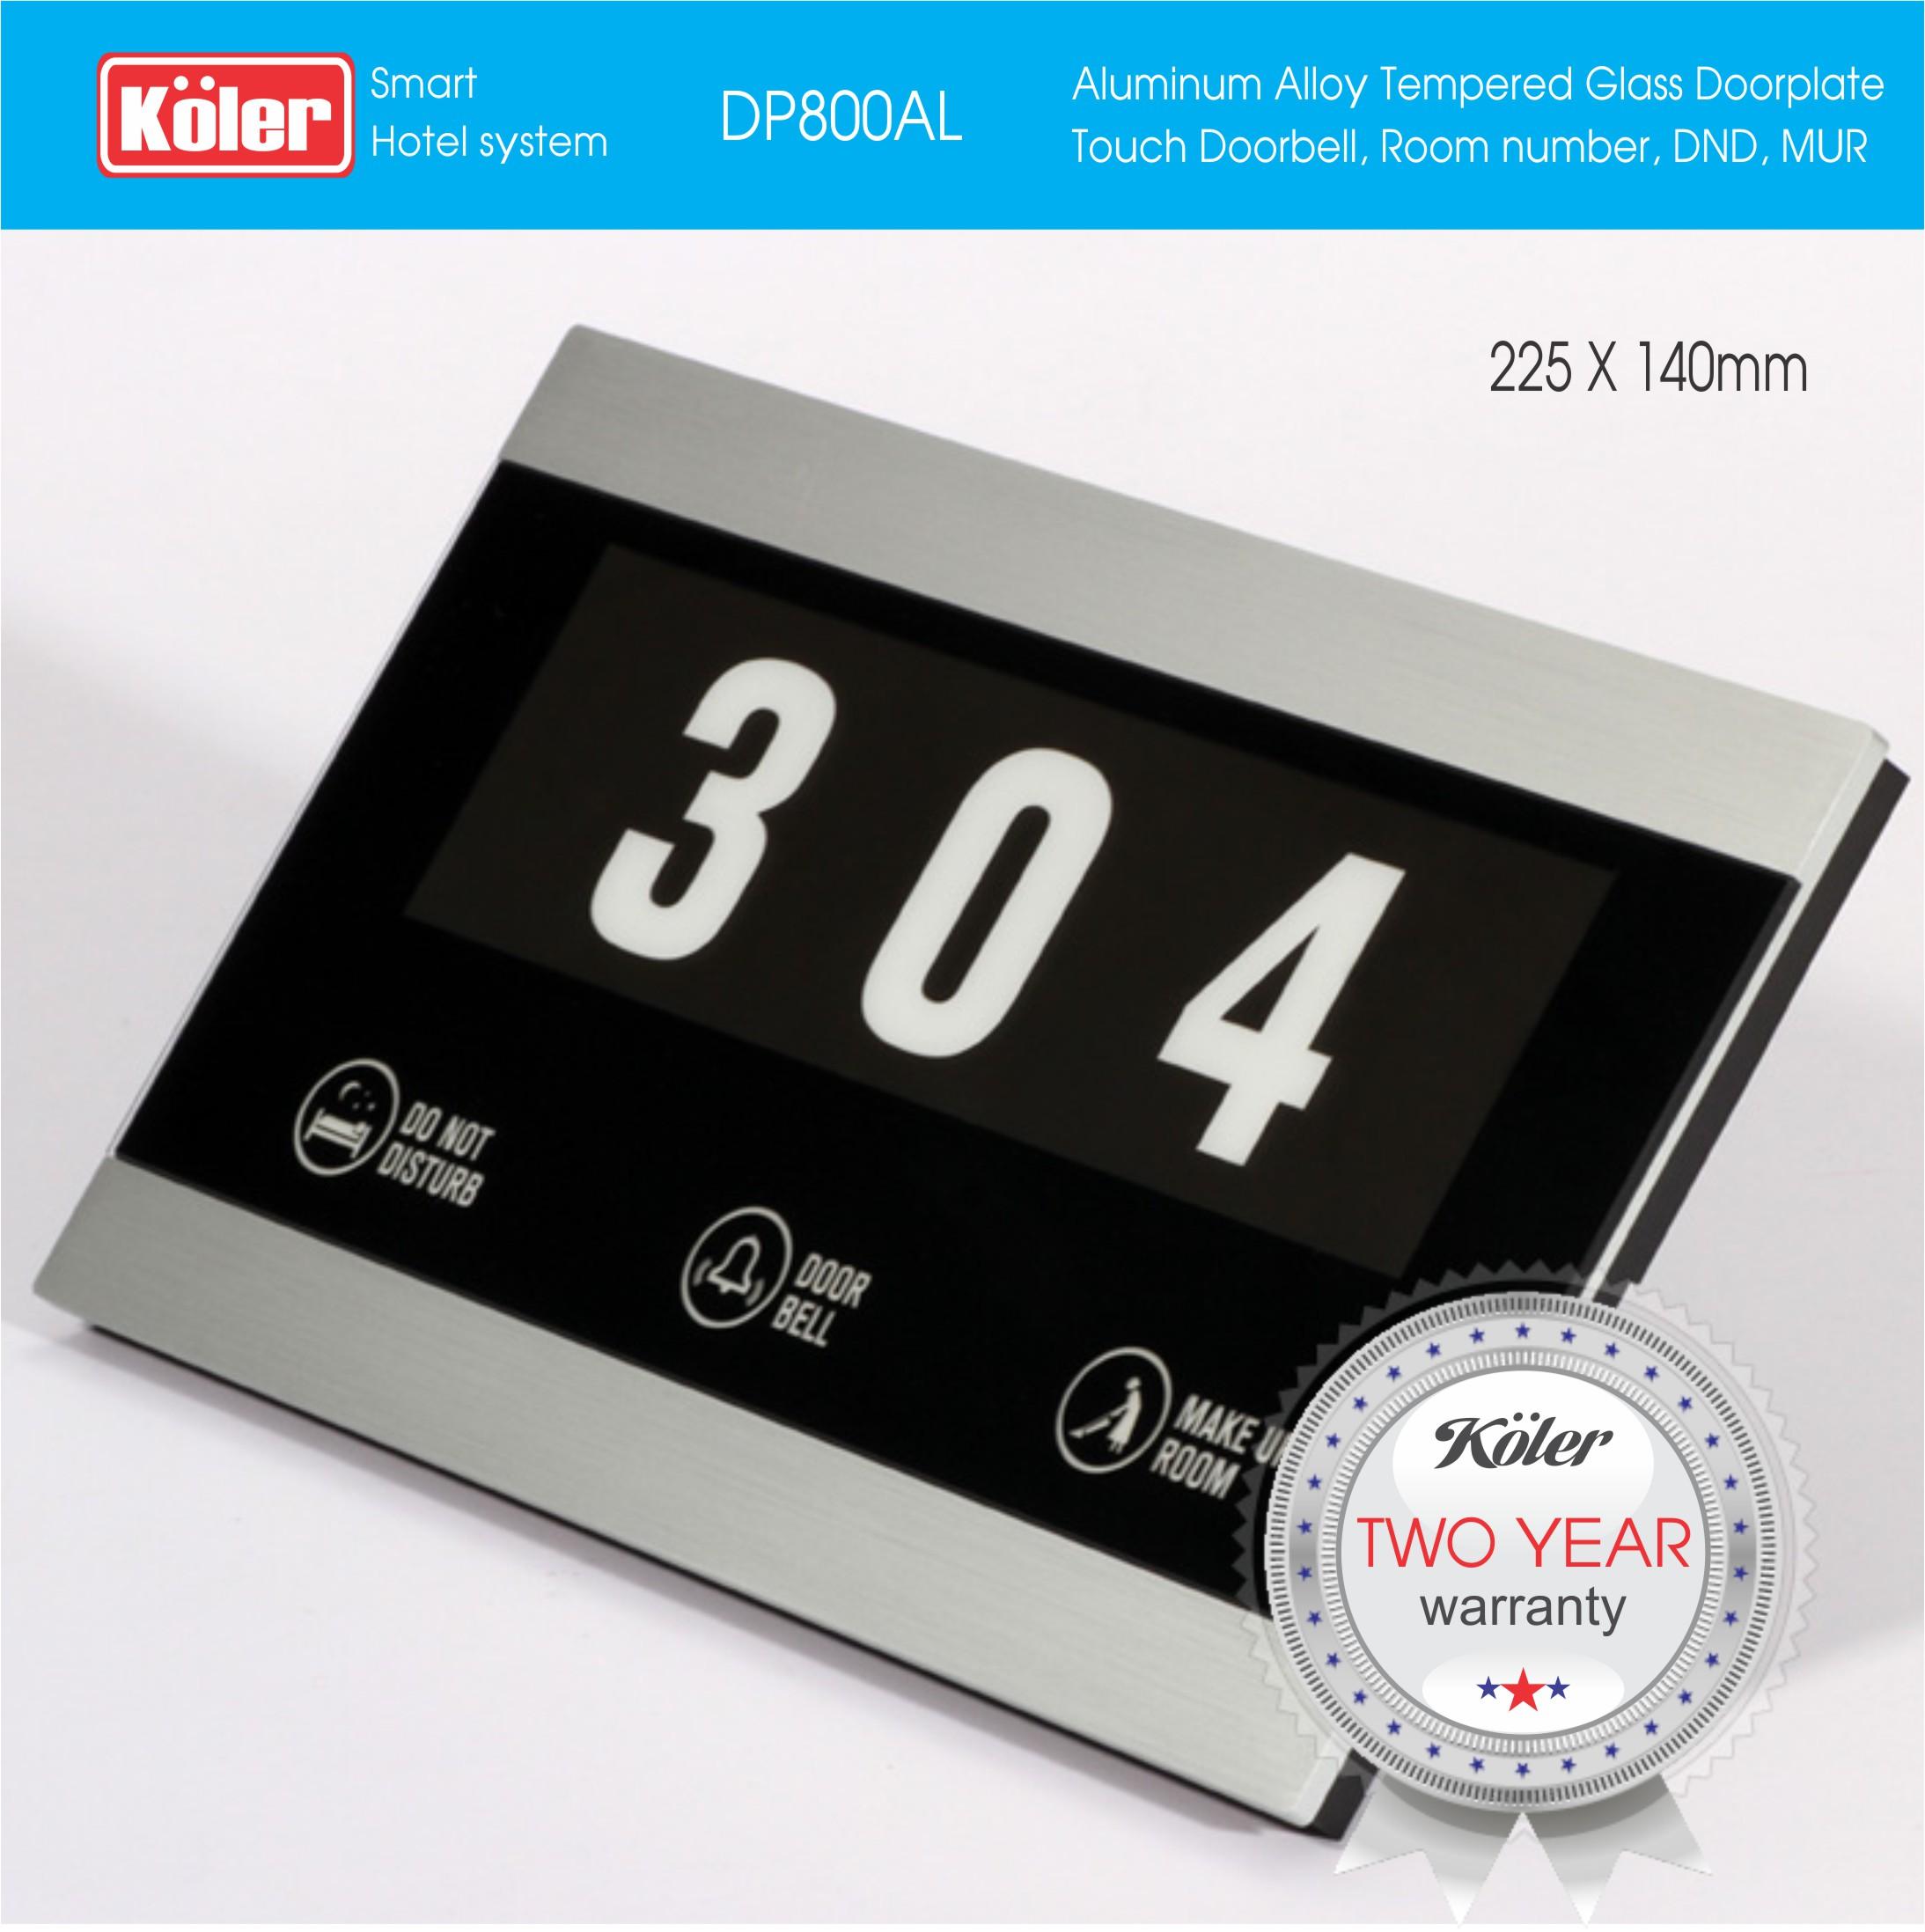 Doorplate Temper Glass LED DP800AL